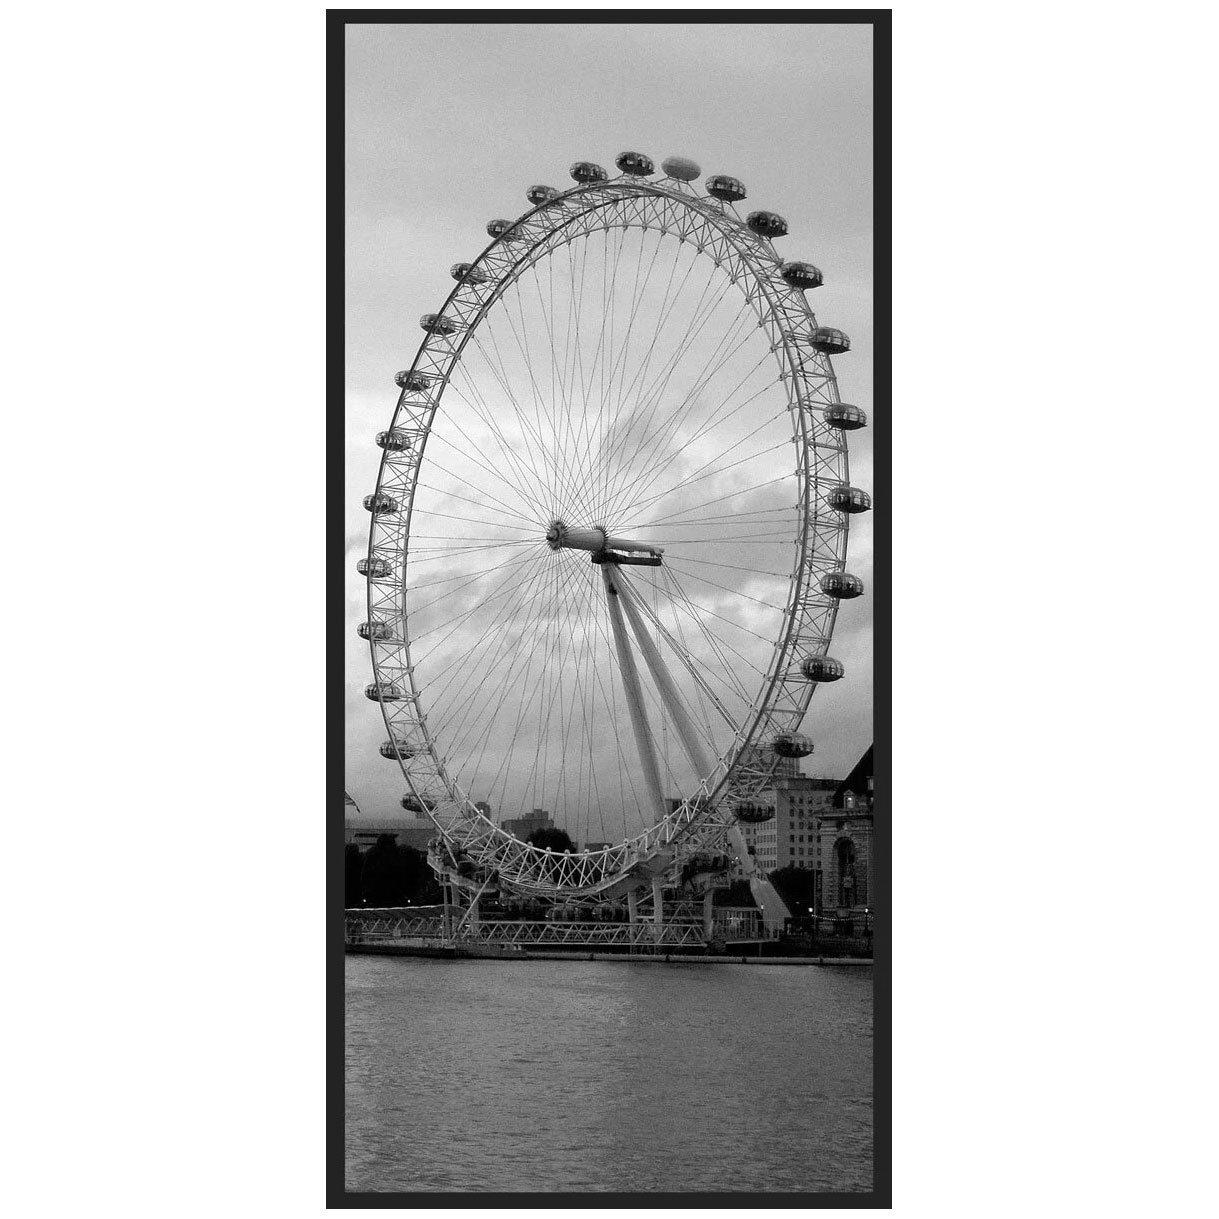 Quadro Decorativo em Preto e Branco London Eye Londres 70x140cm